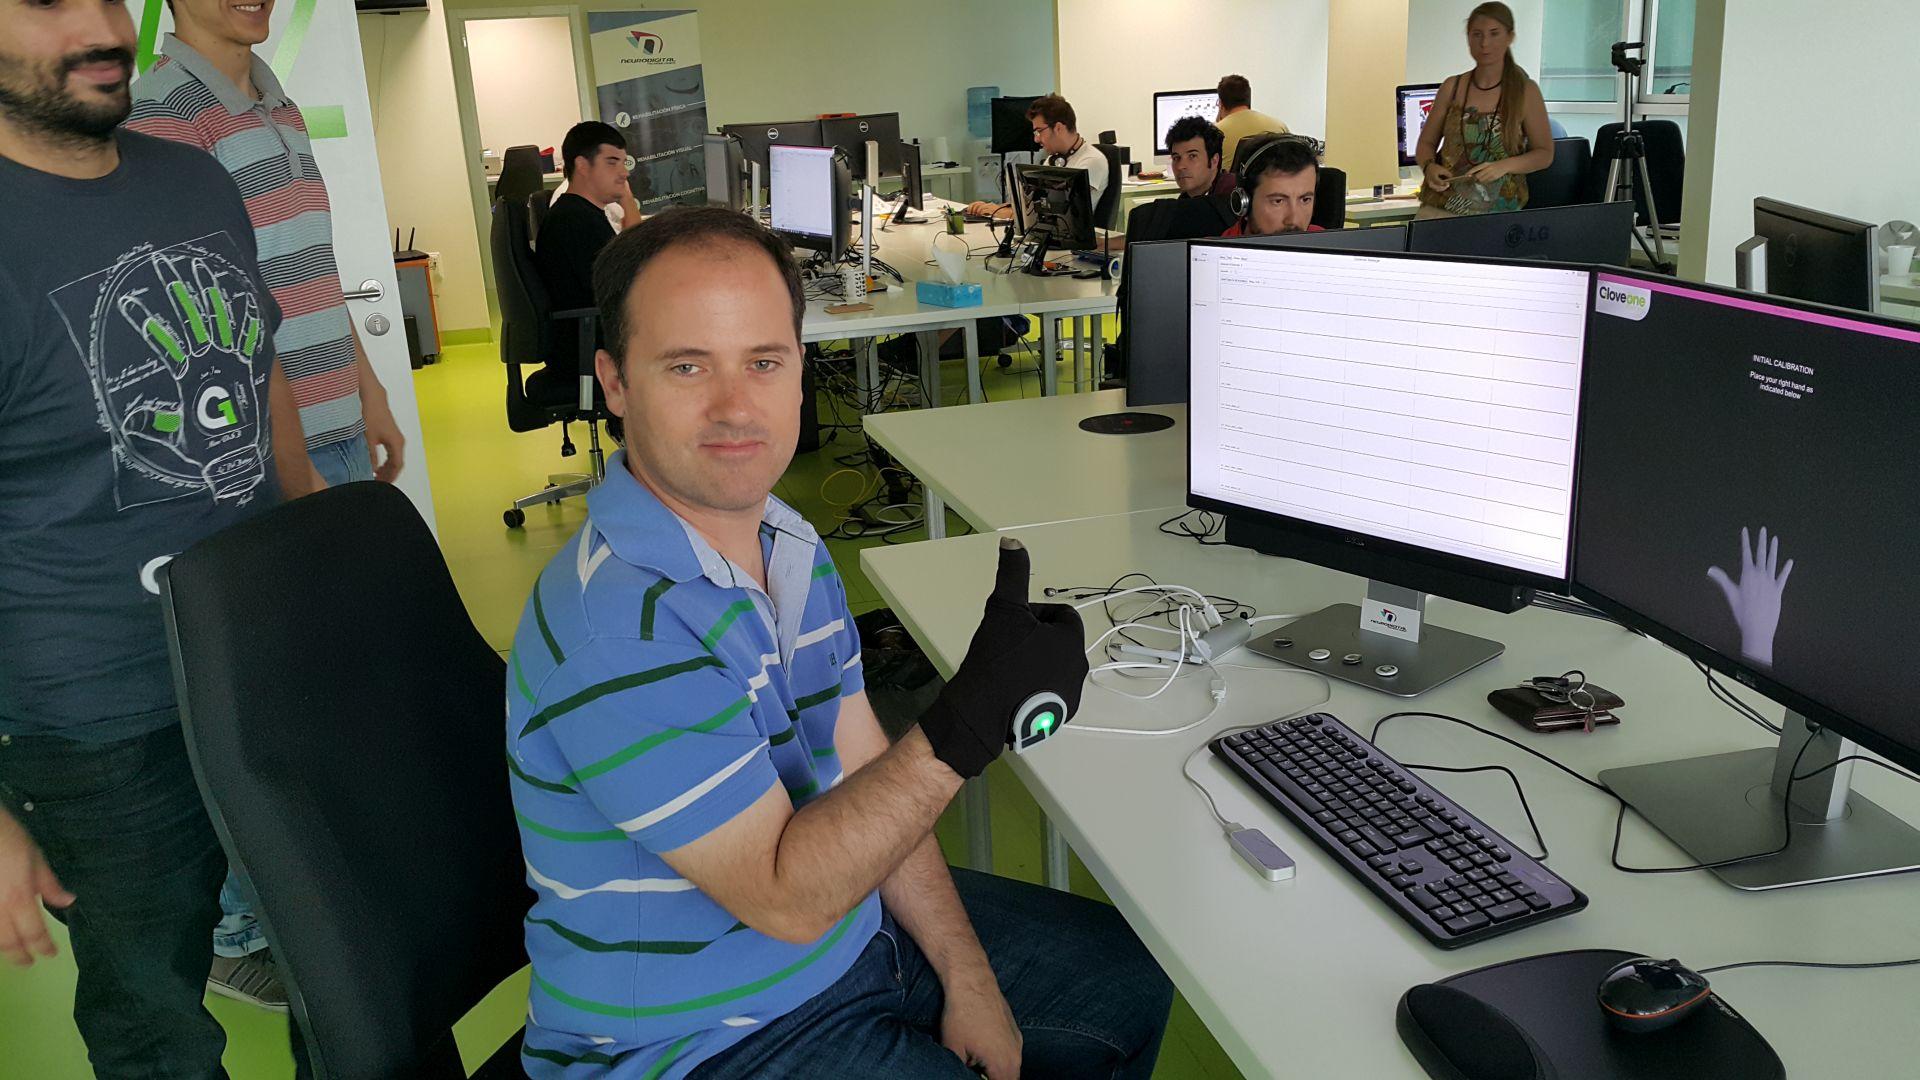 Juanlo probando Gloveone en la sede de Neurodigital